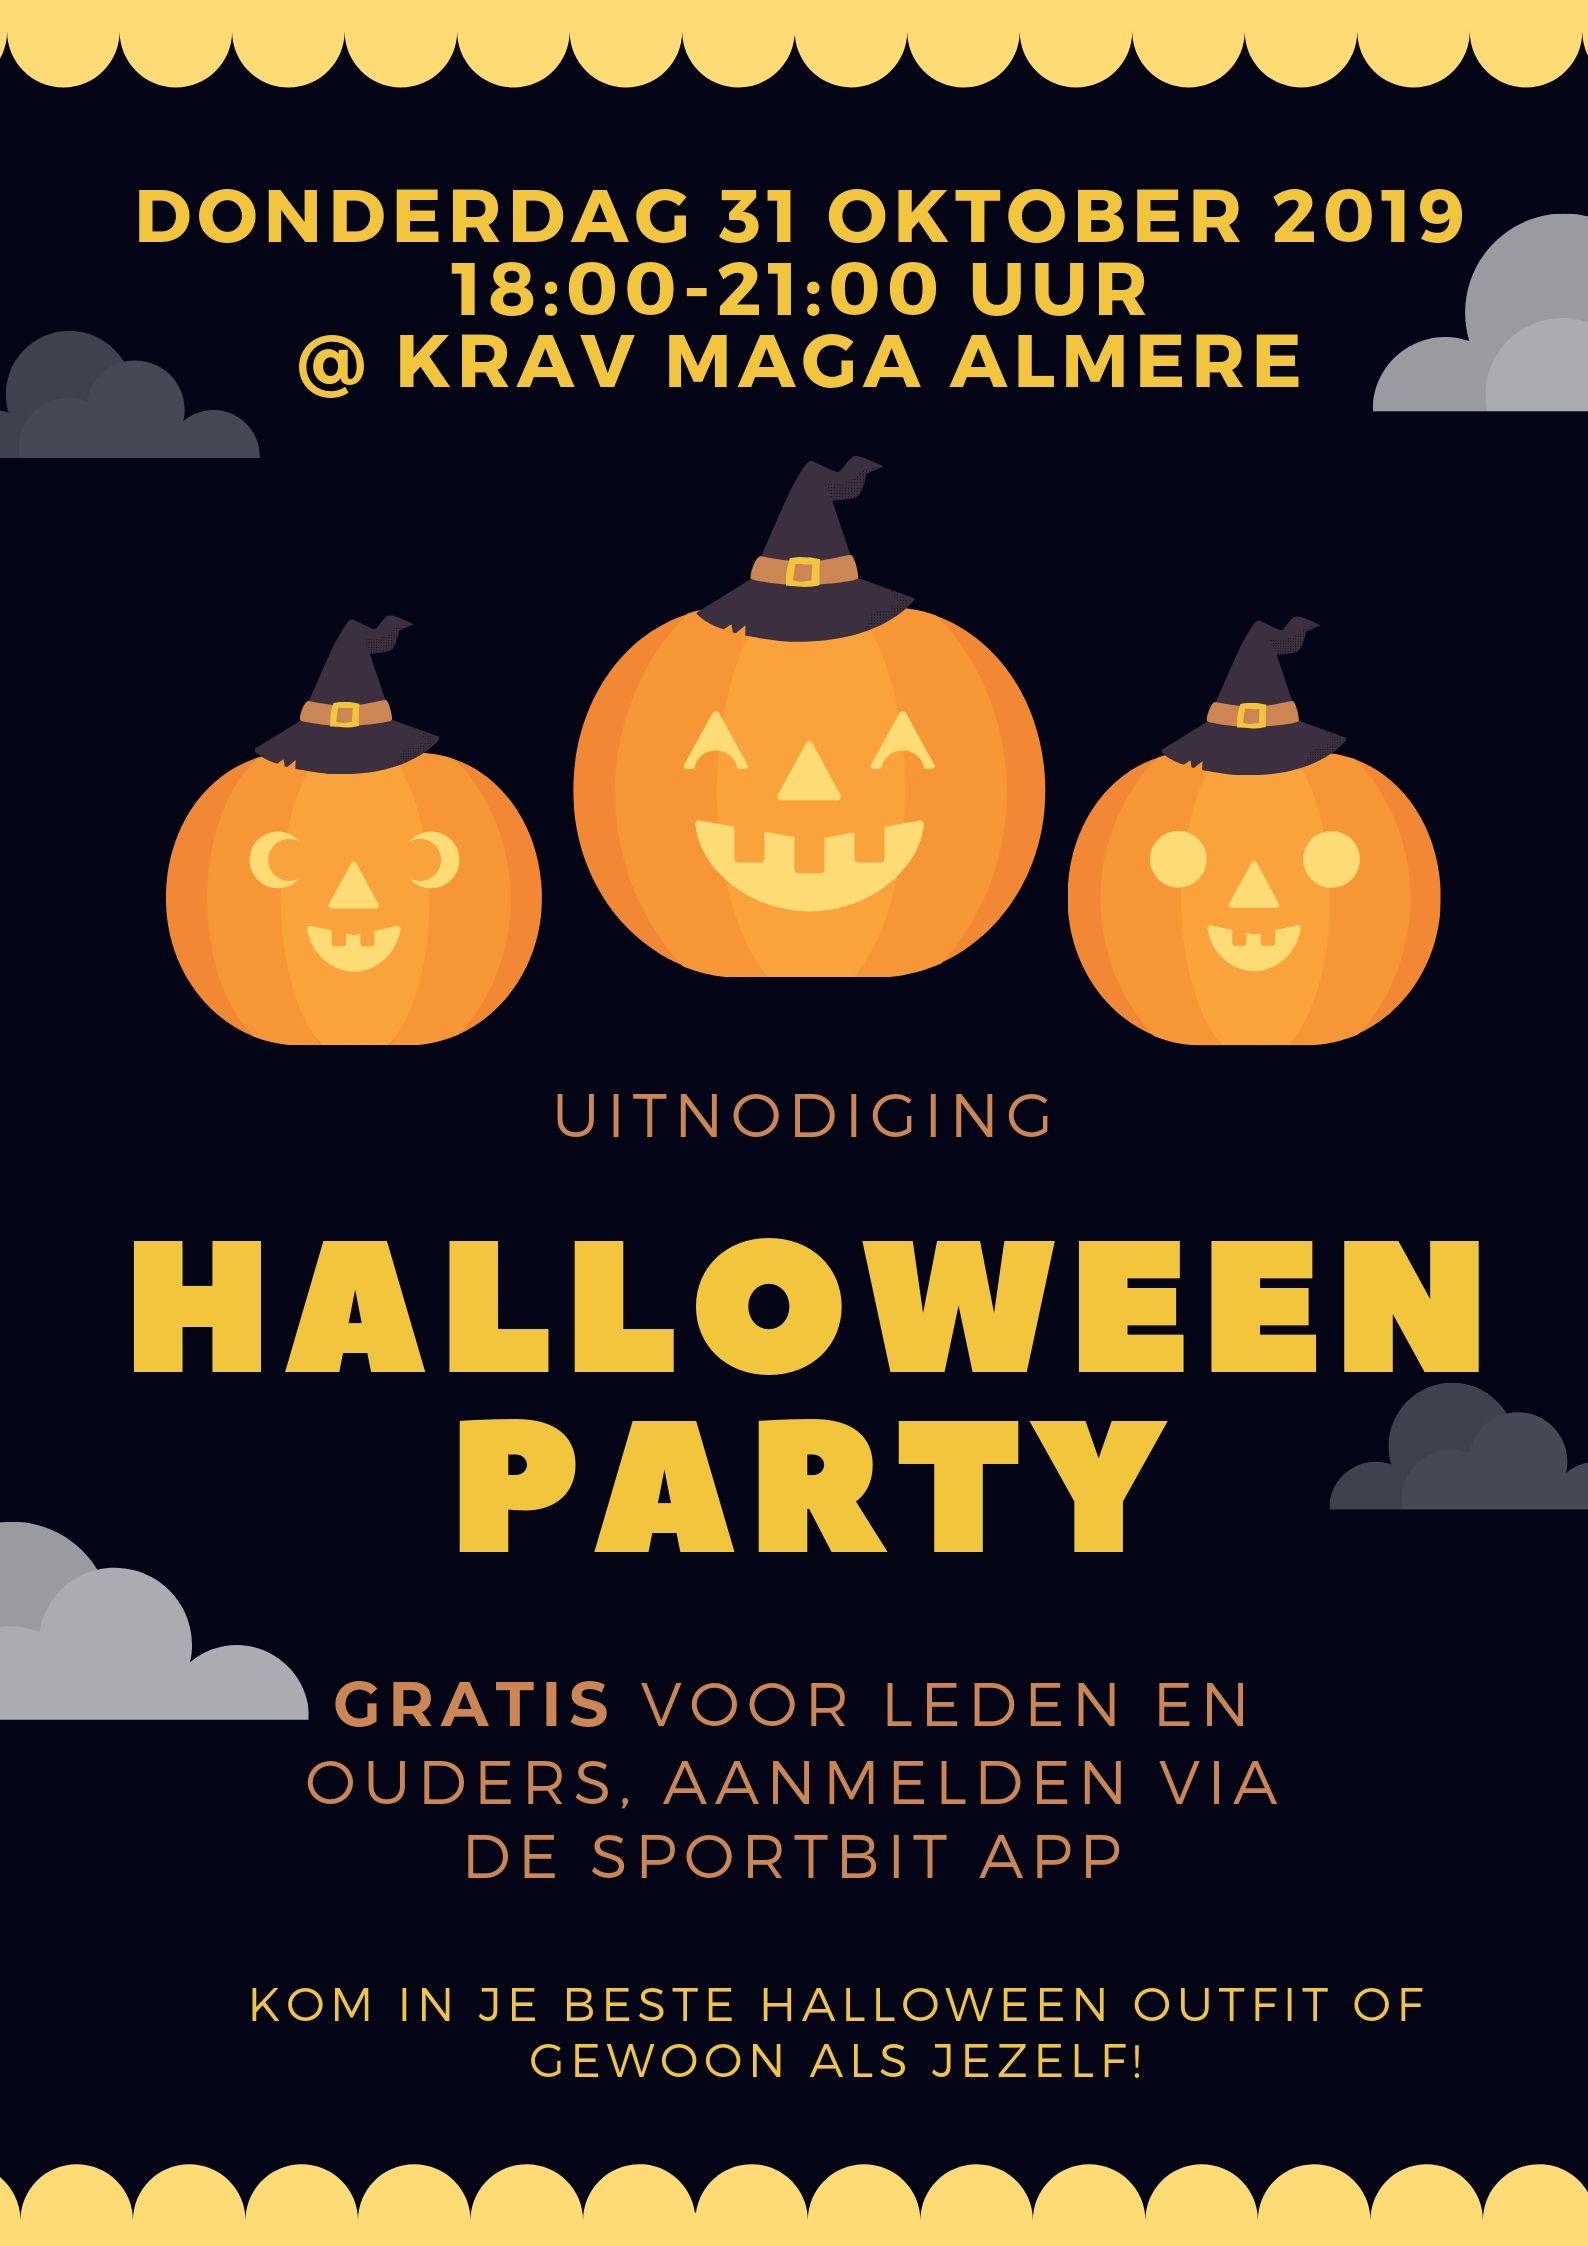 Halloween Feest Almere.Halloween Party Voor Leden Krav Maga Almere